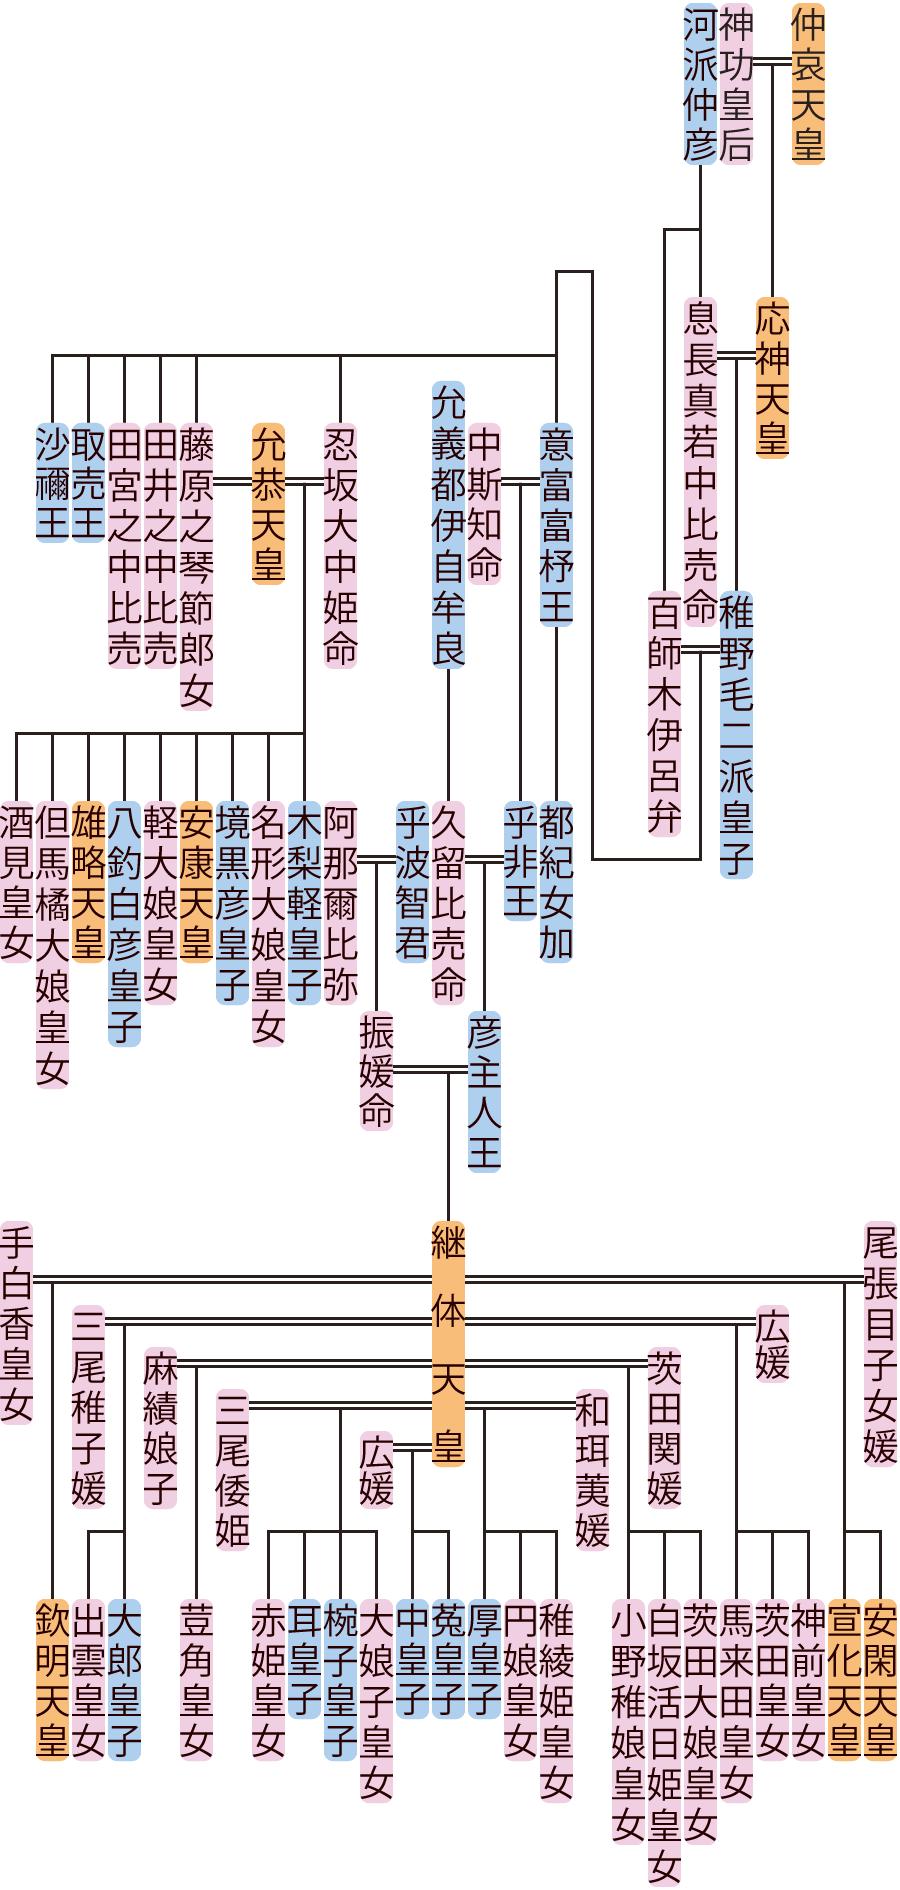 稚野毛二派皇子~彦主人王の系図